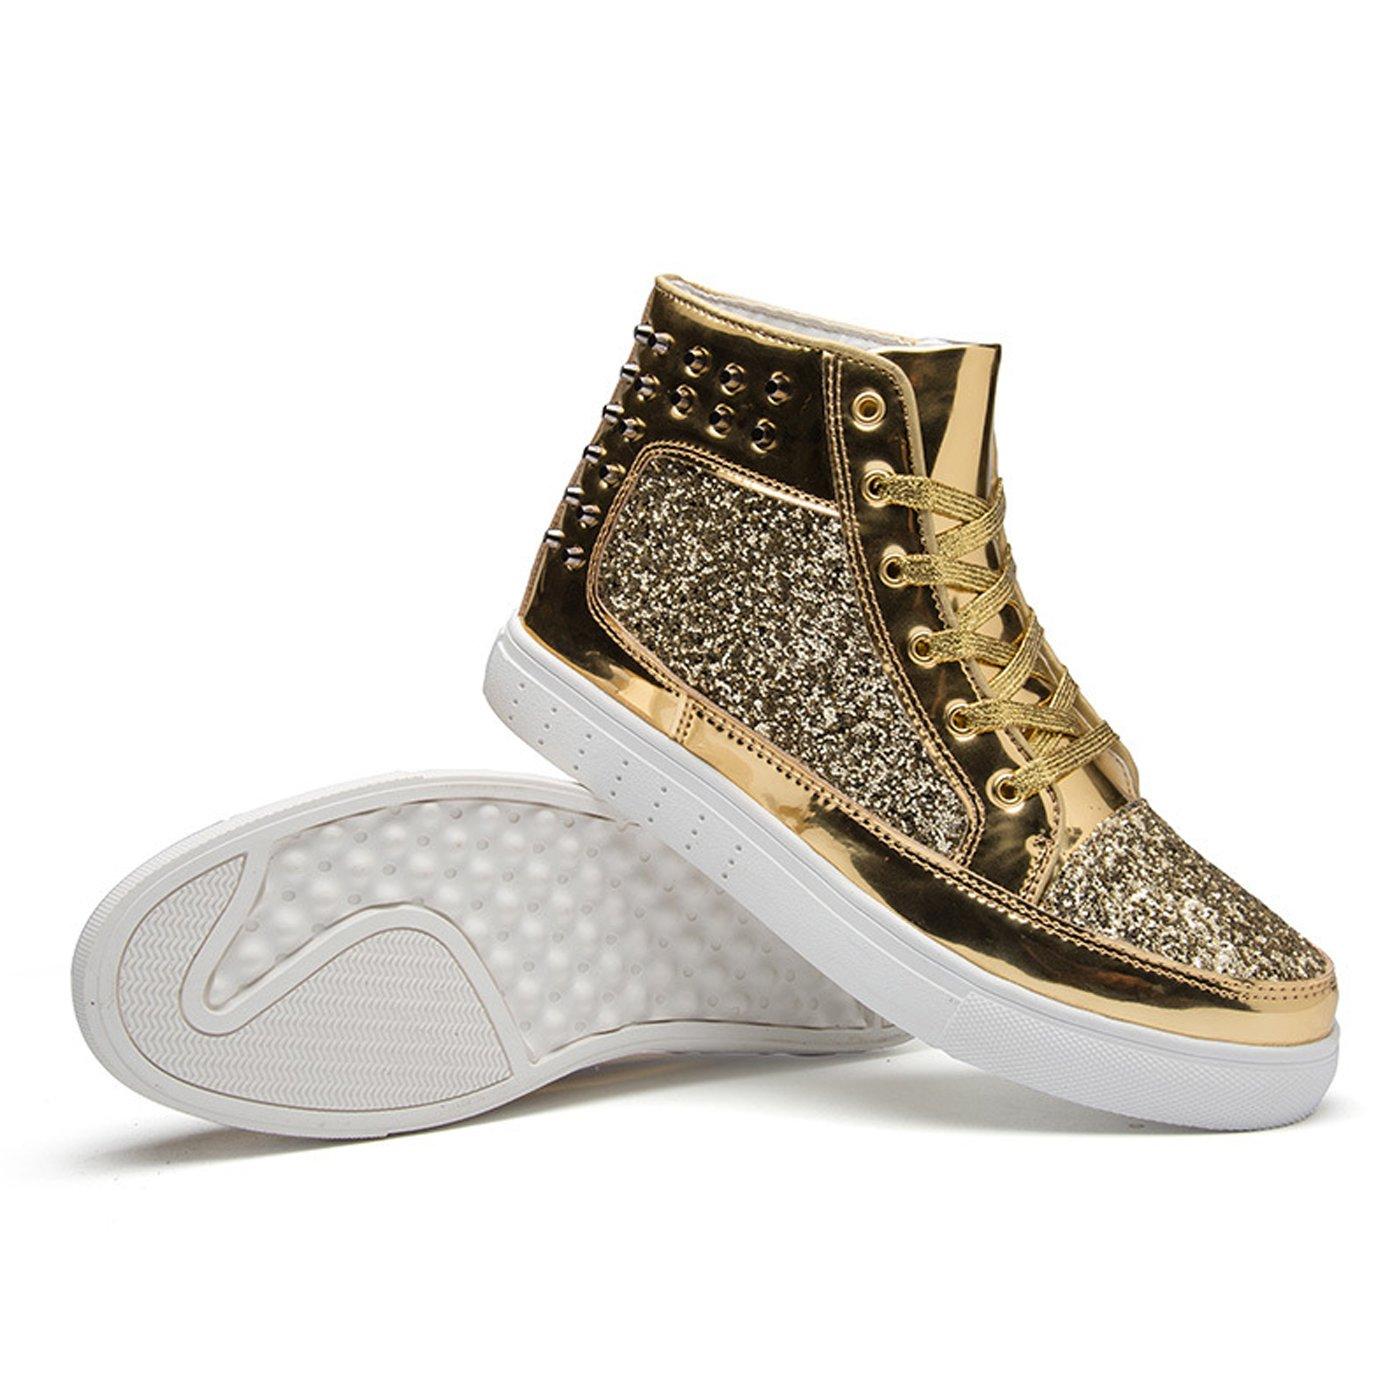 d262dbbcaf6 CHNHIRA Homme Chaussures Montantes Chaussure de Loisirs Couple Bottes Hip-hop  Femme Baskets Mode (EU44 Jaune)  Amazon.fr  Chaussures et Sacs